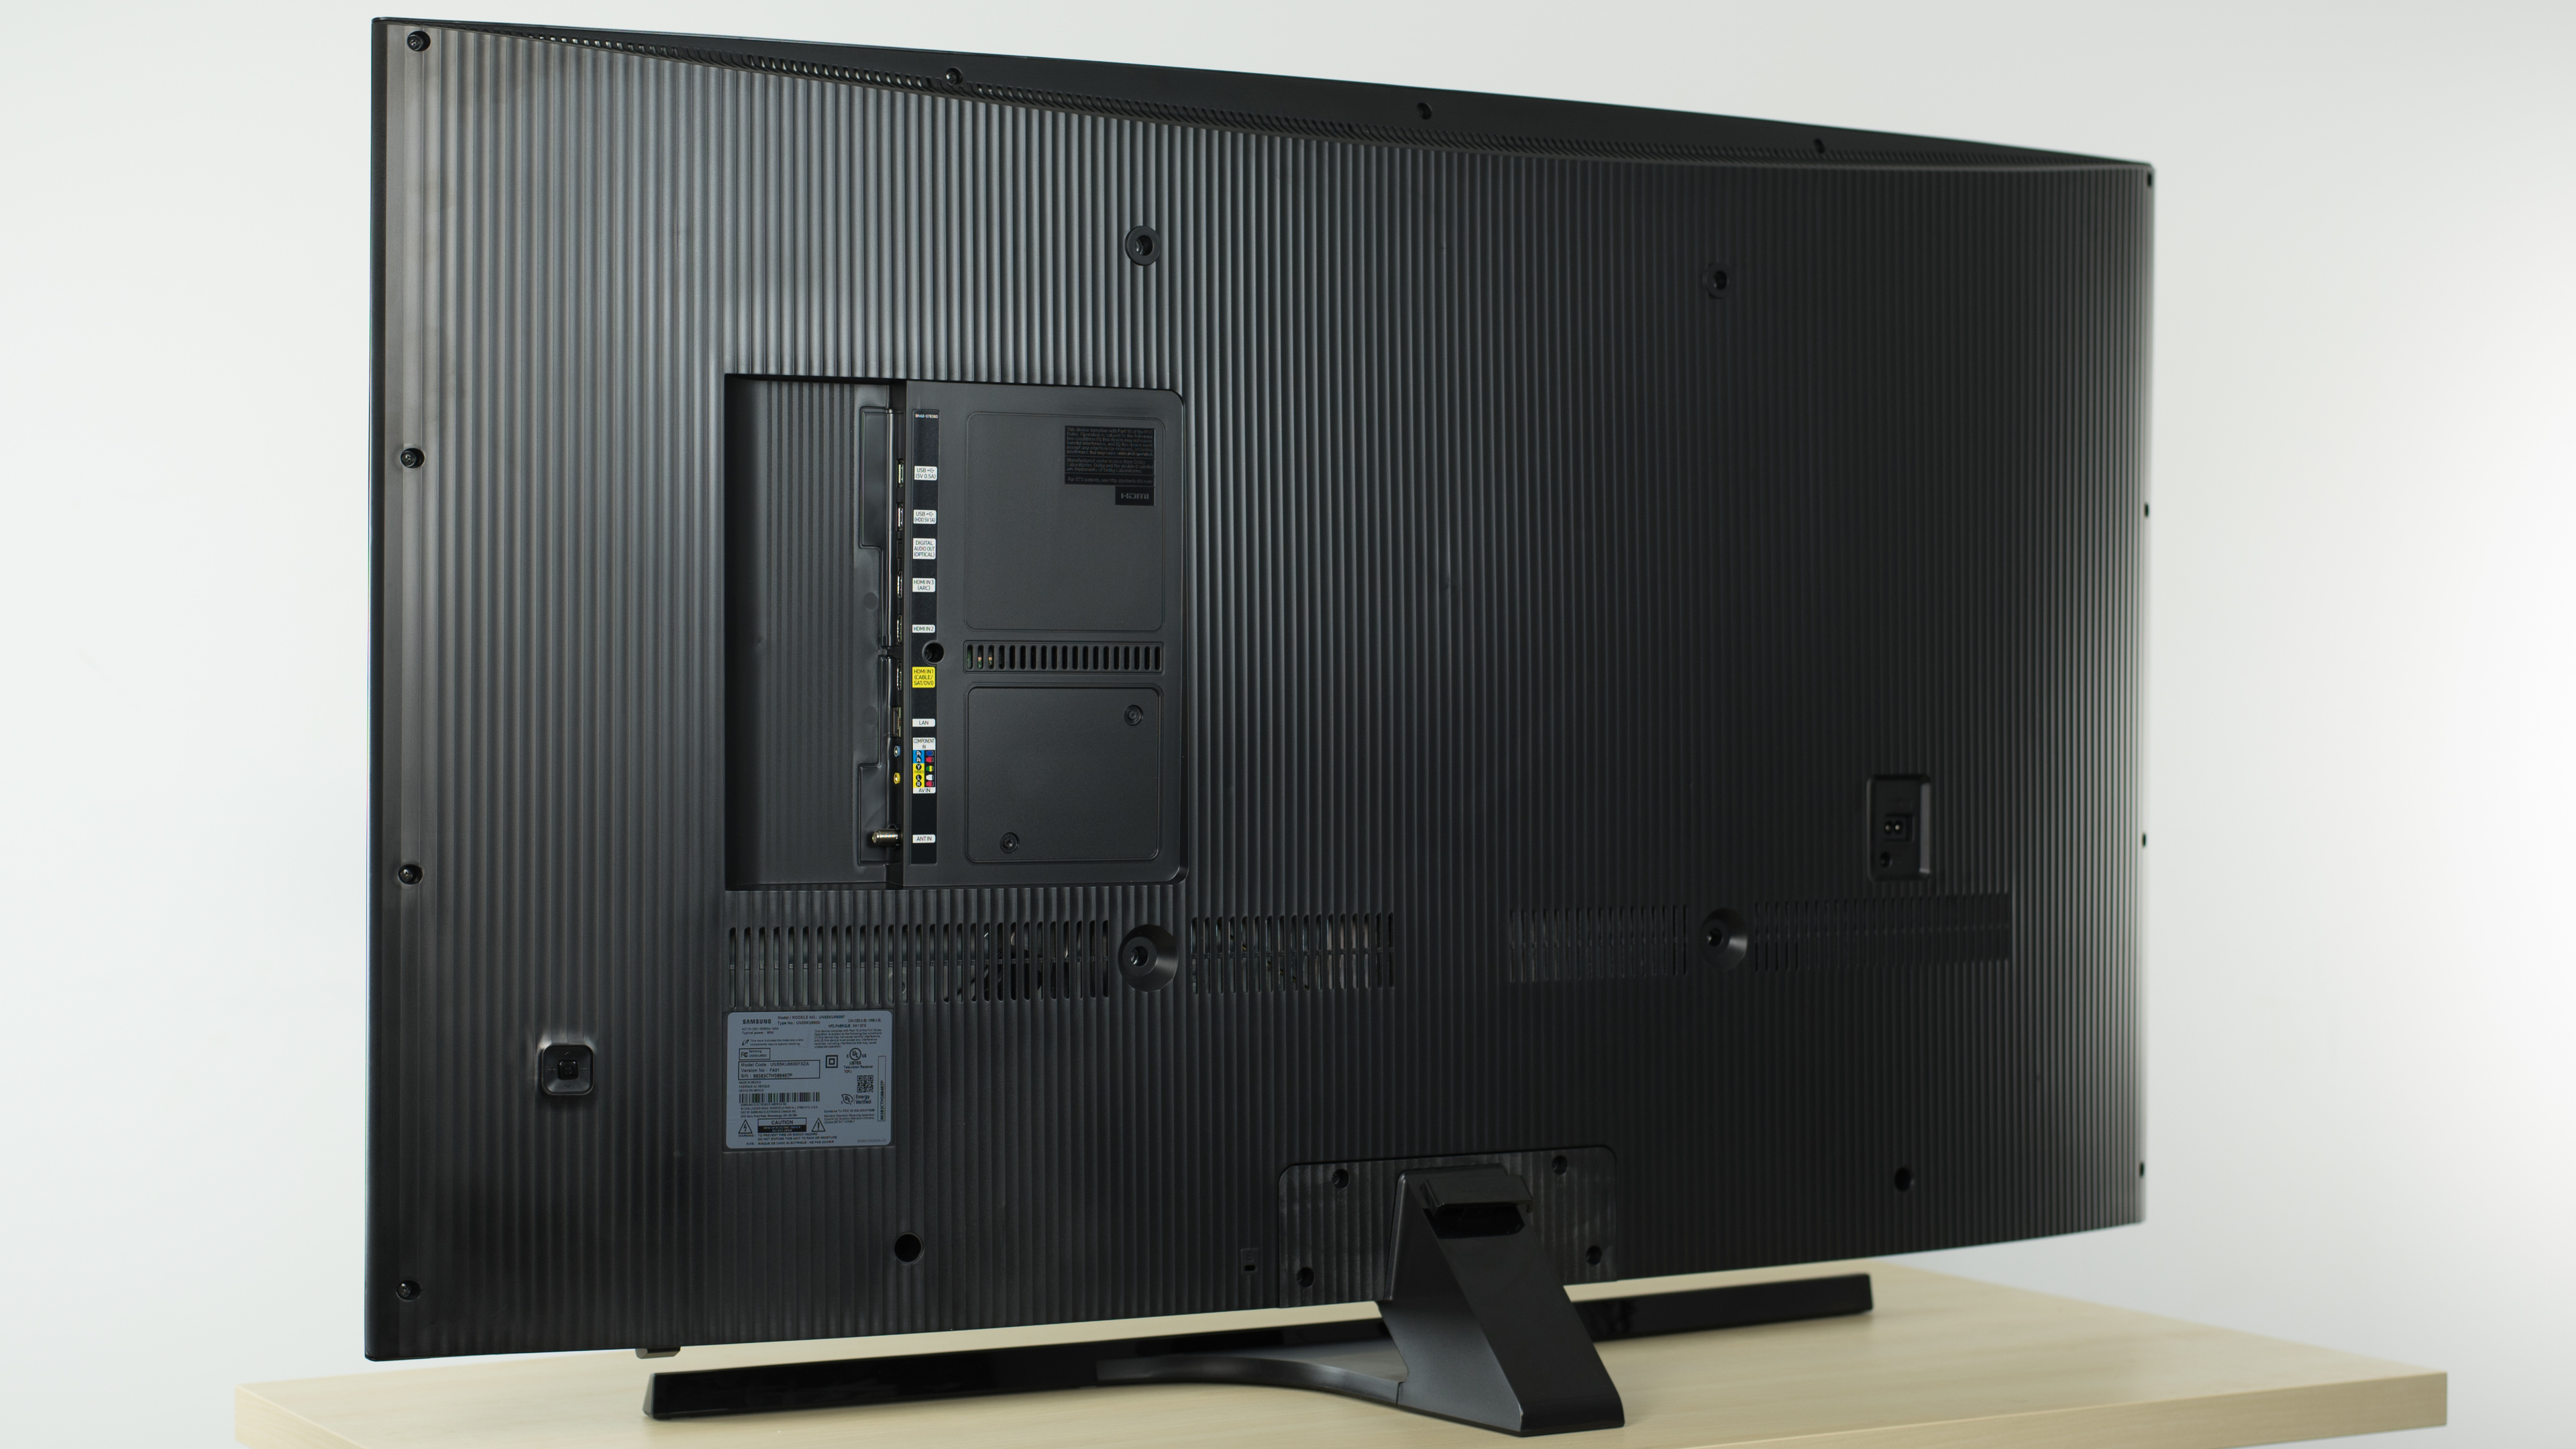 Samsung Ku6600 Review Un55ku6600